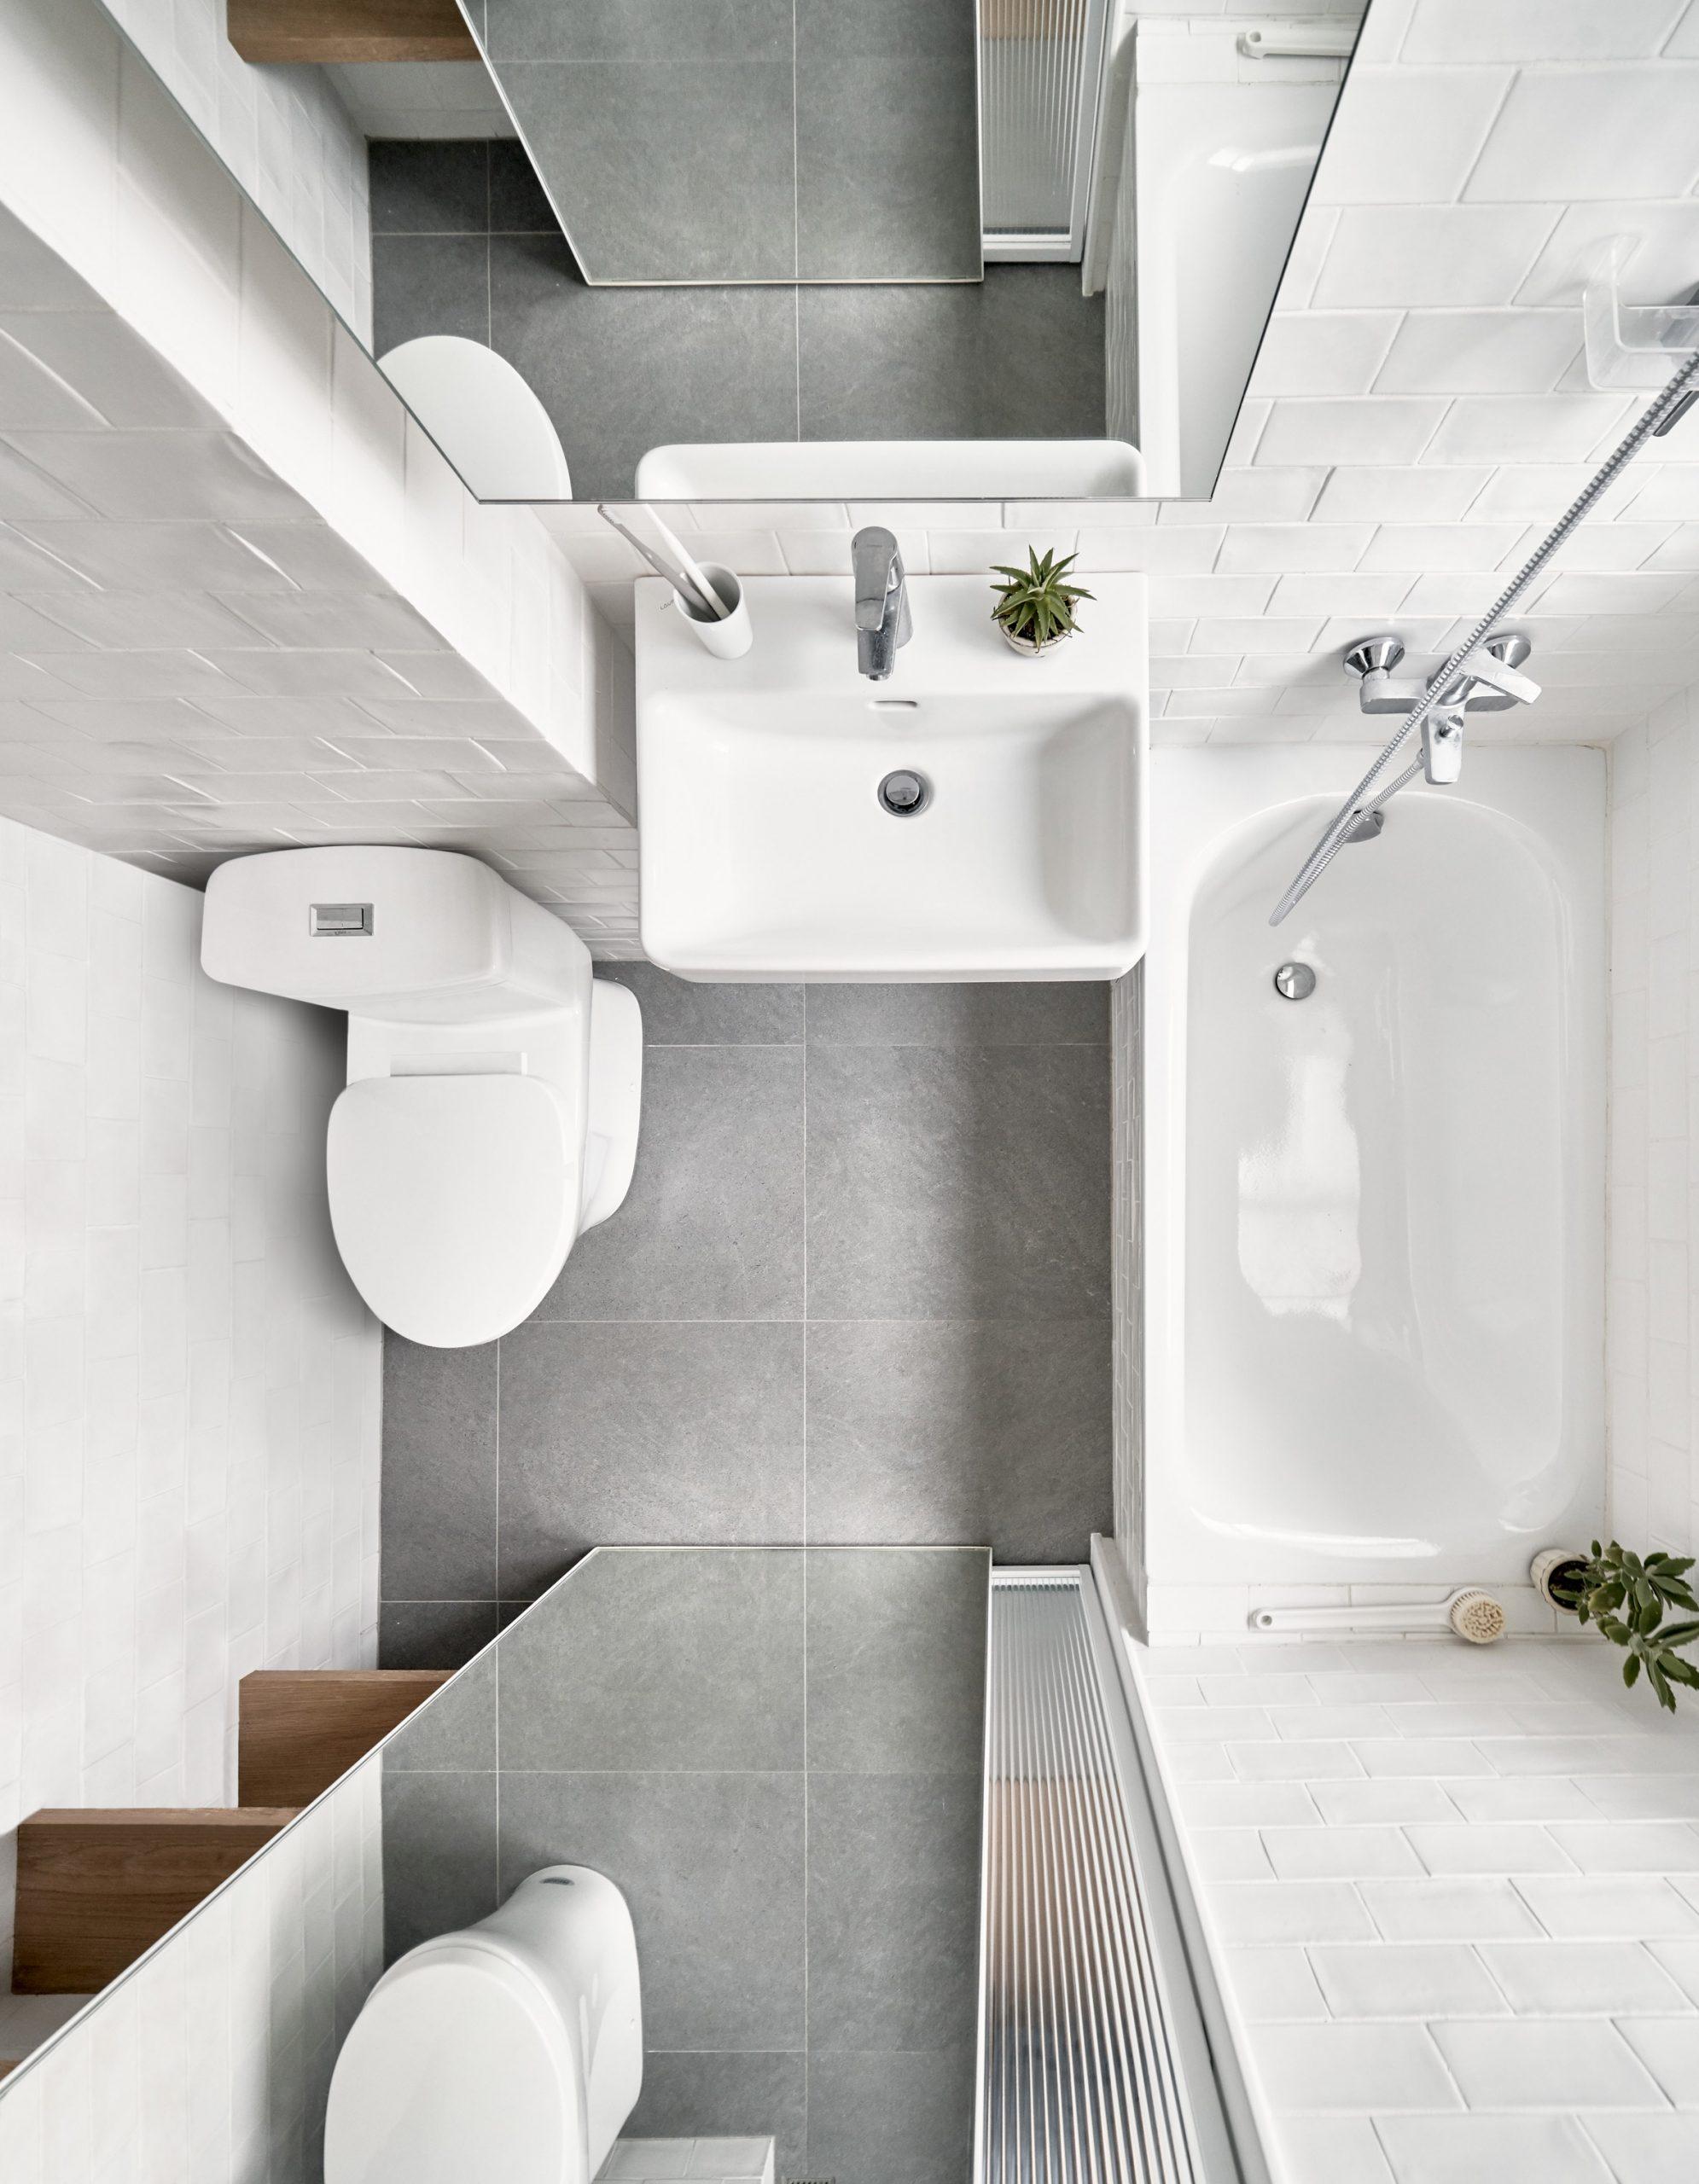 Thiết kế nội thất căn hộ 50m2 13